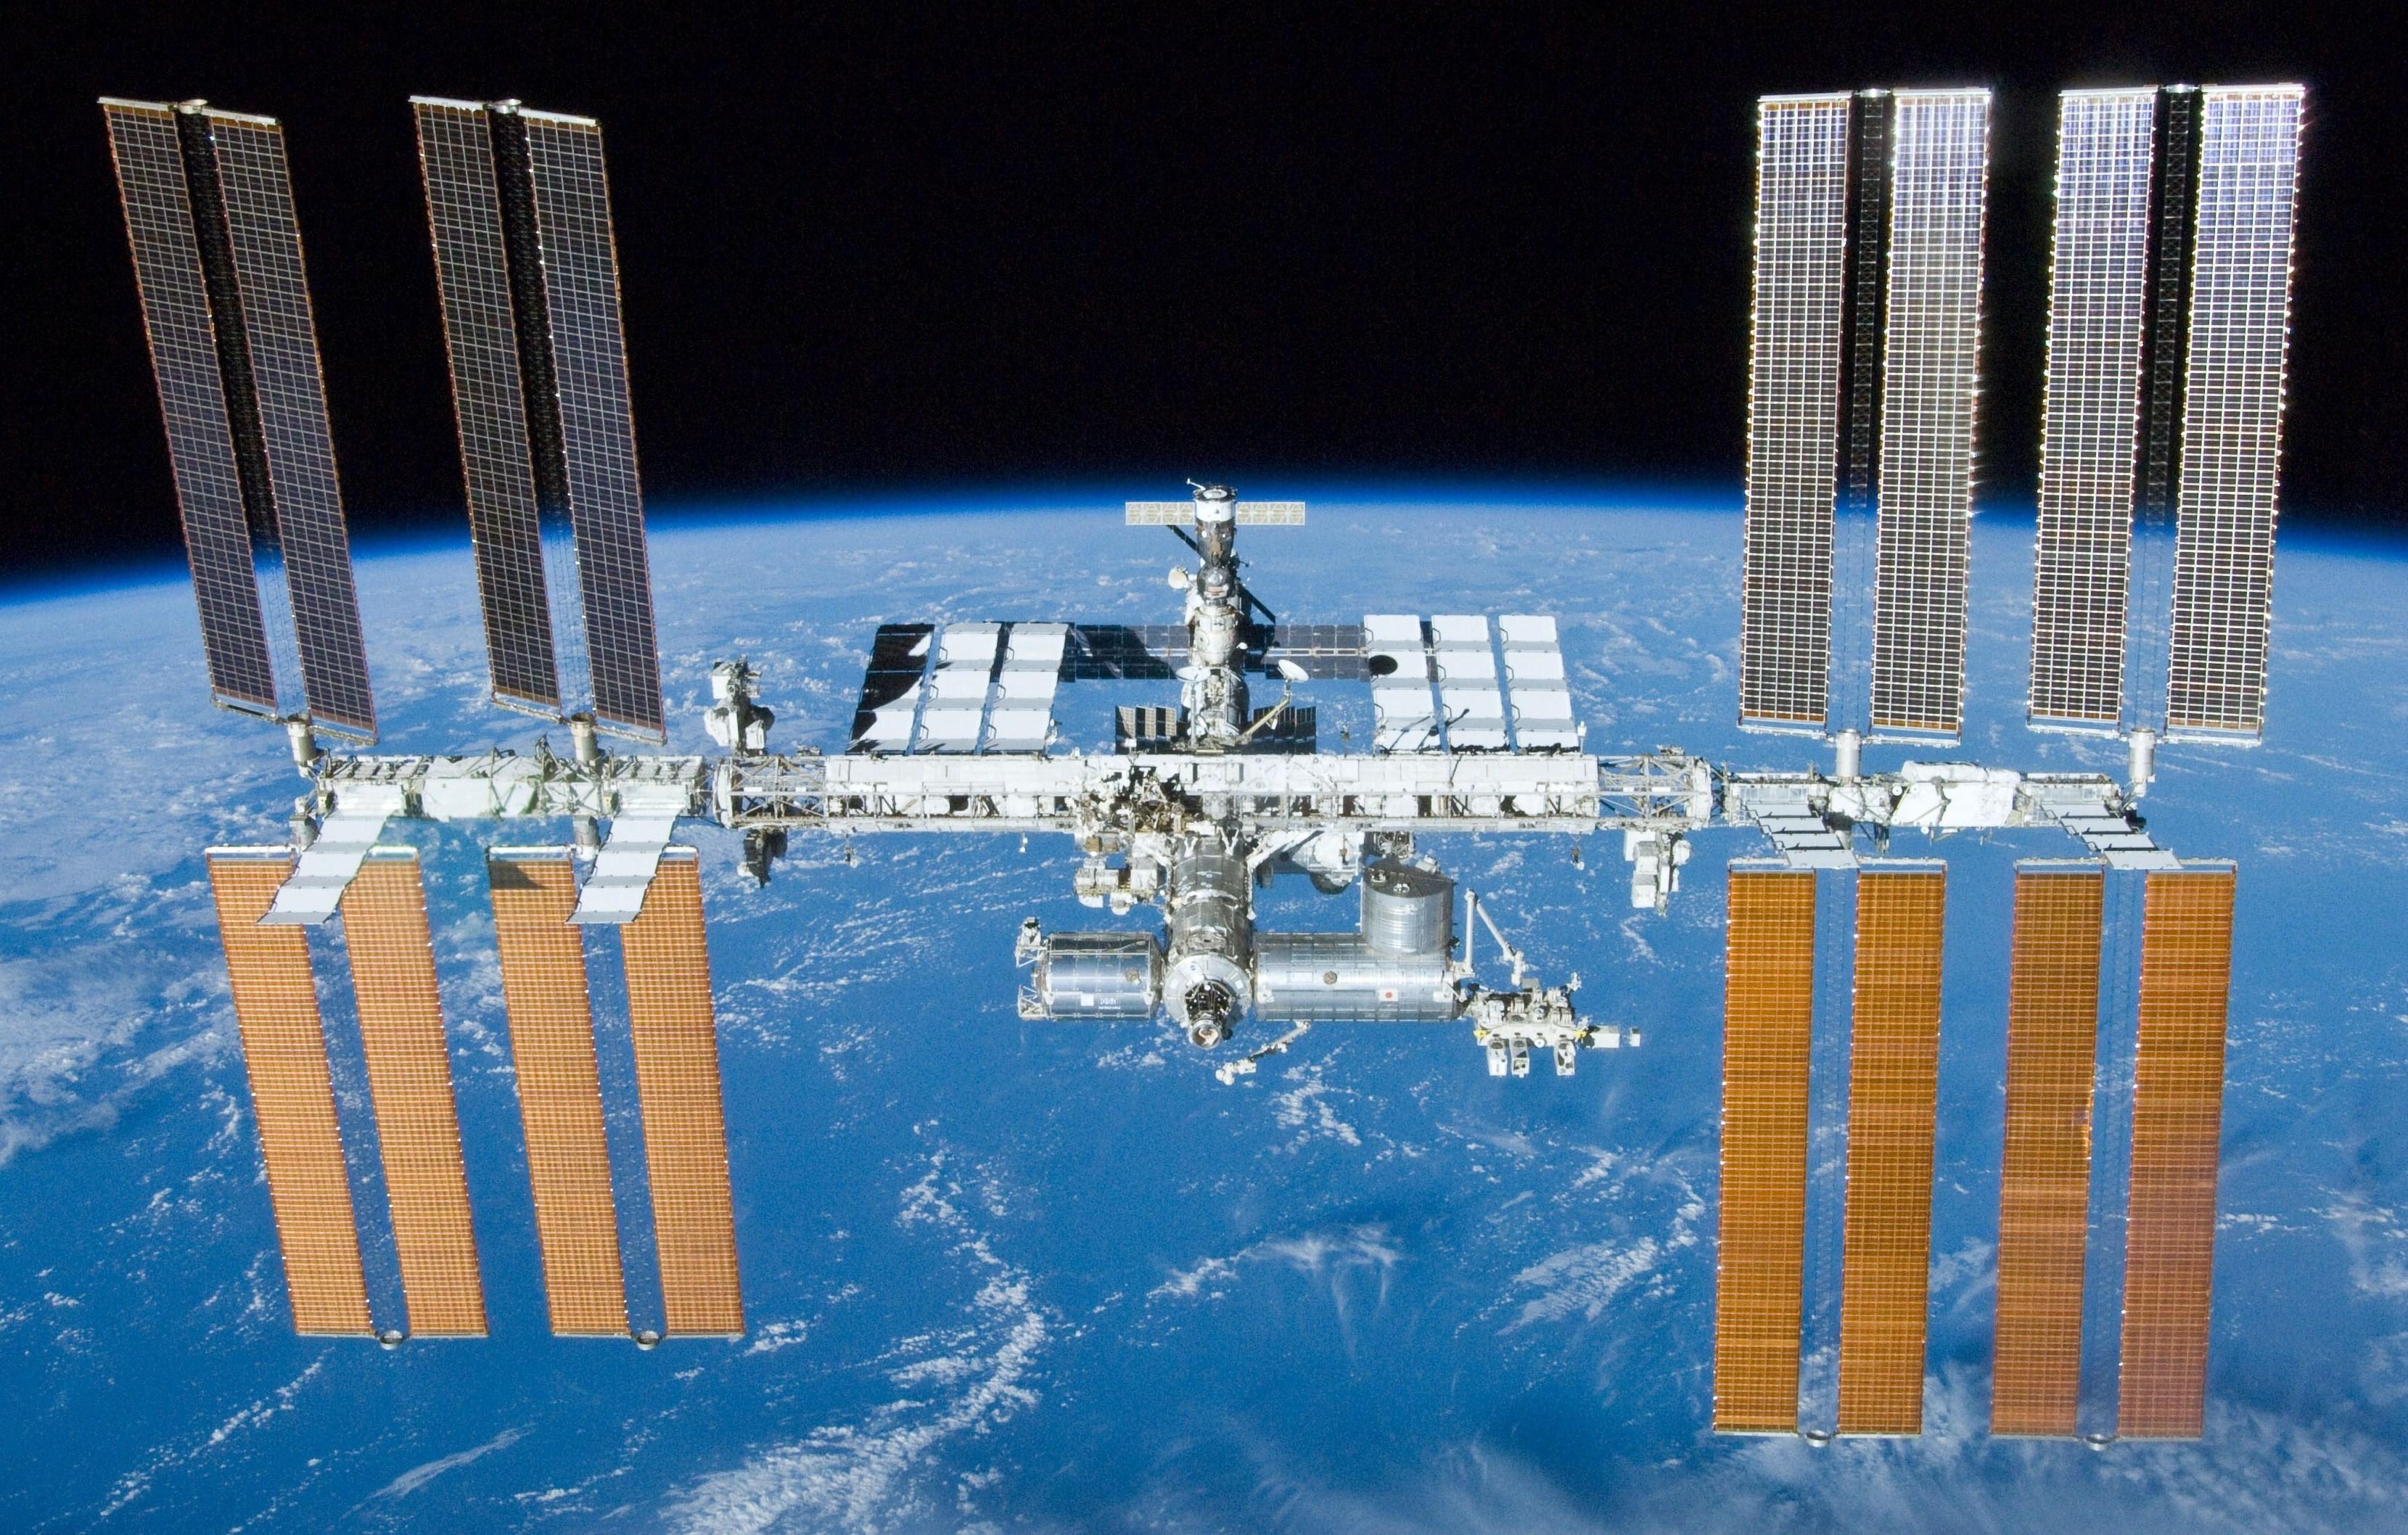 A Estação Espacial Internacional estará visível graças à passagem e boas condições climáticas (Foto: NASA/Crew of STS-132)